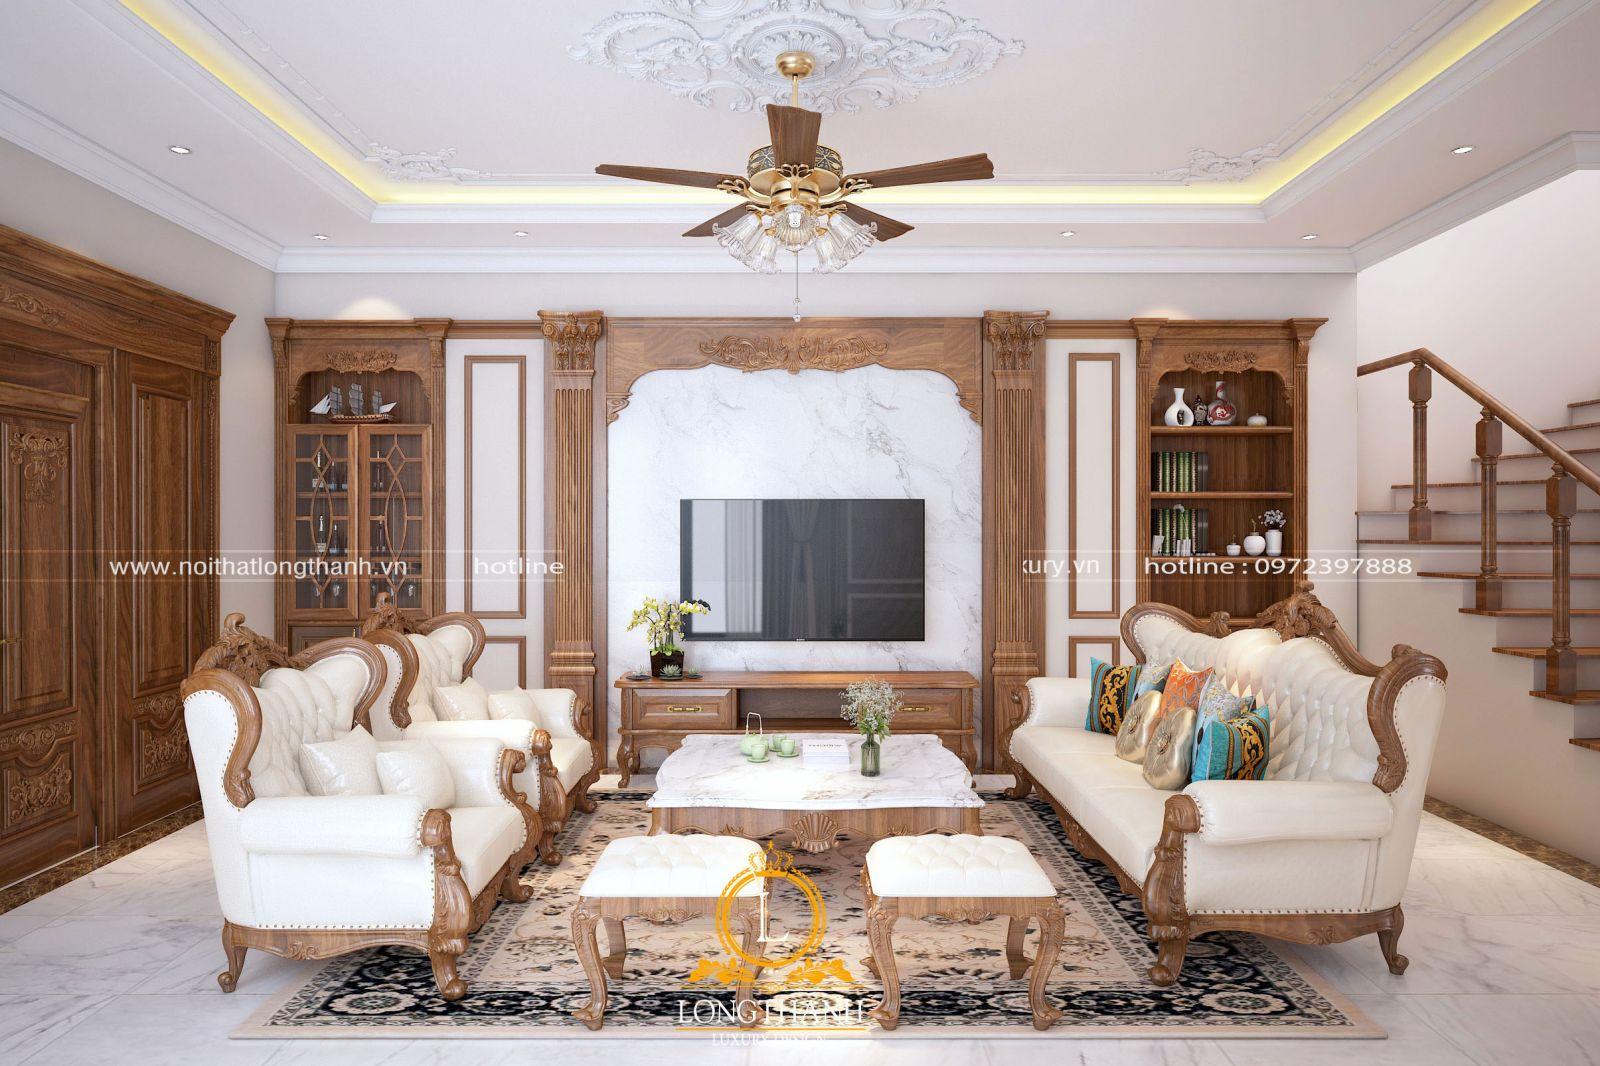 Không gian phòng khách với bộ sofa tân cổ điển tinh tế